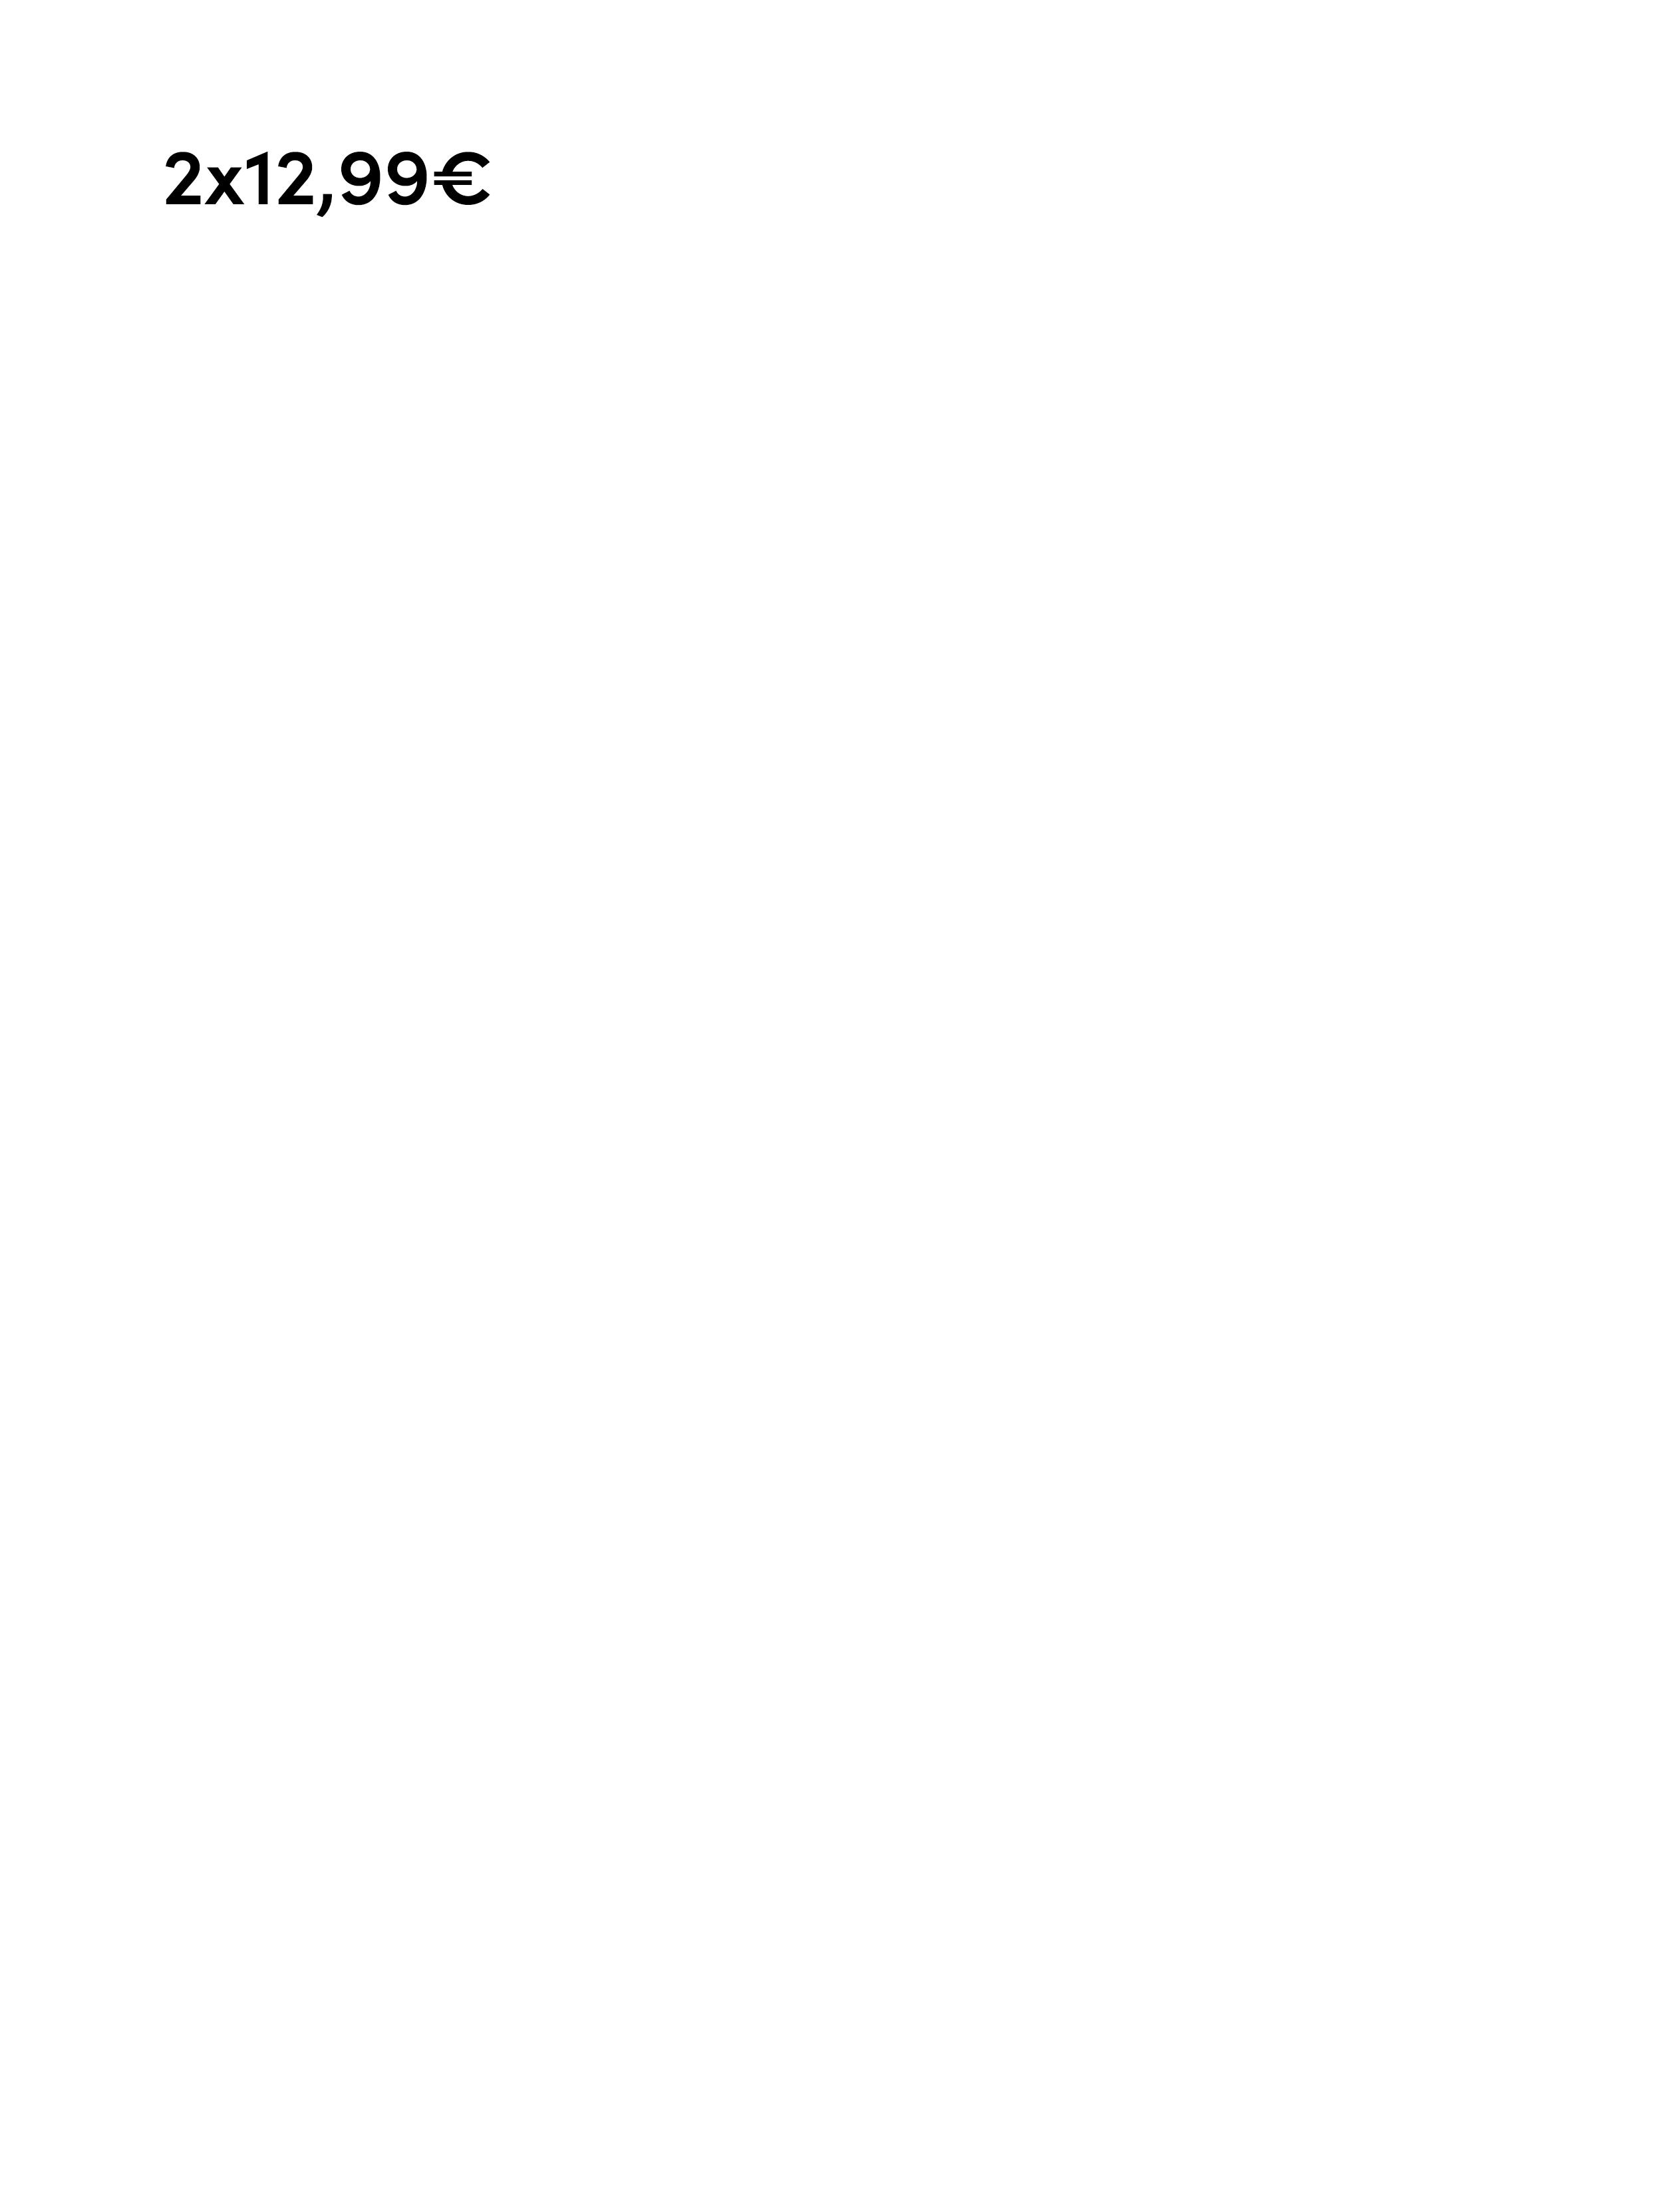 SK_2x12,99